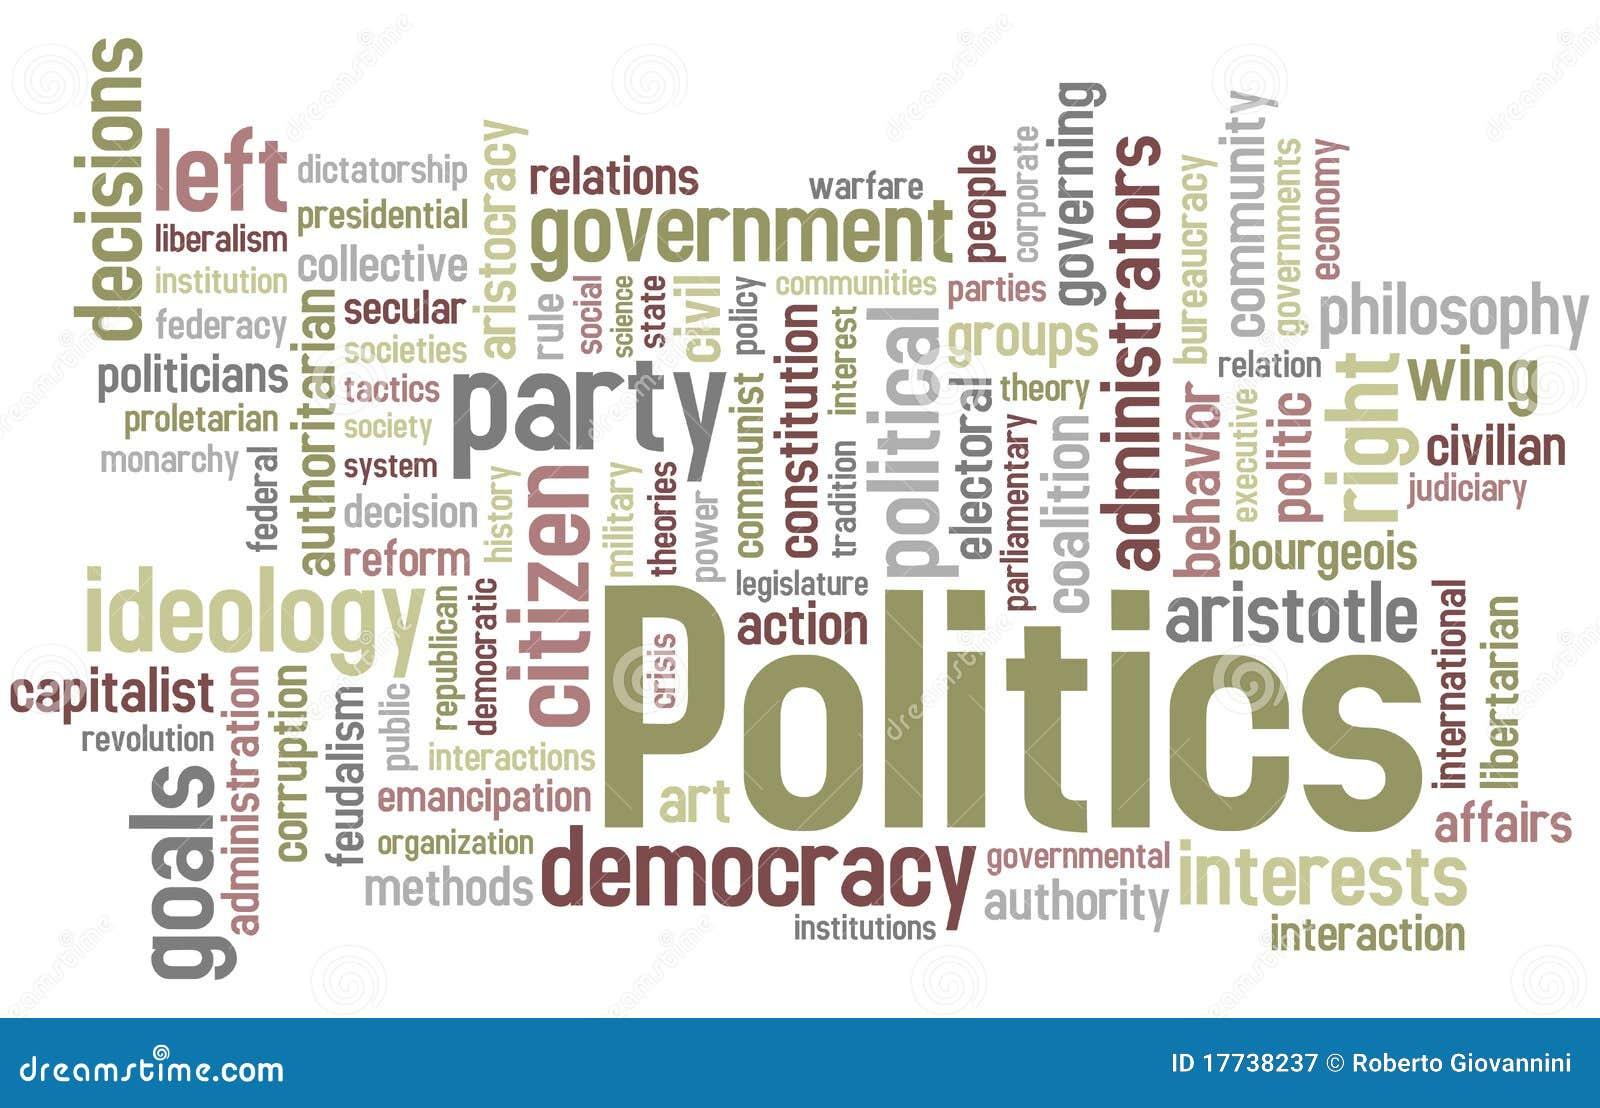 corruption democracy essay